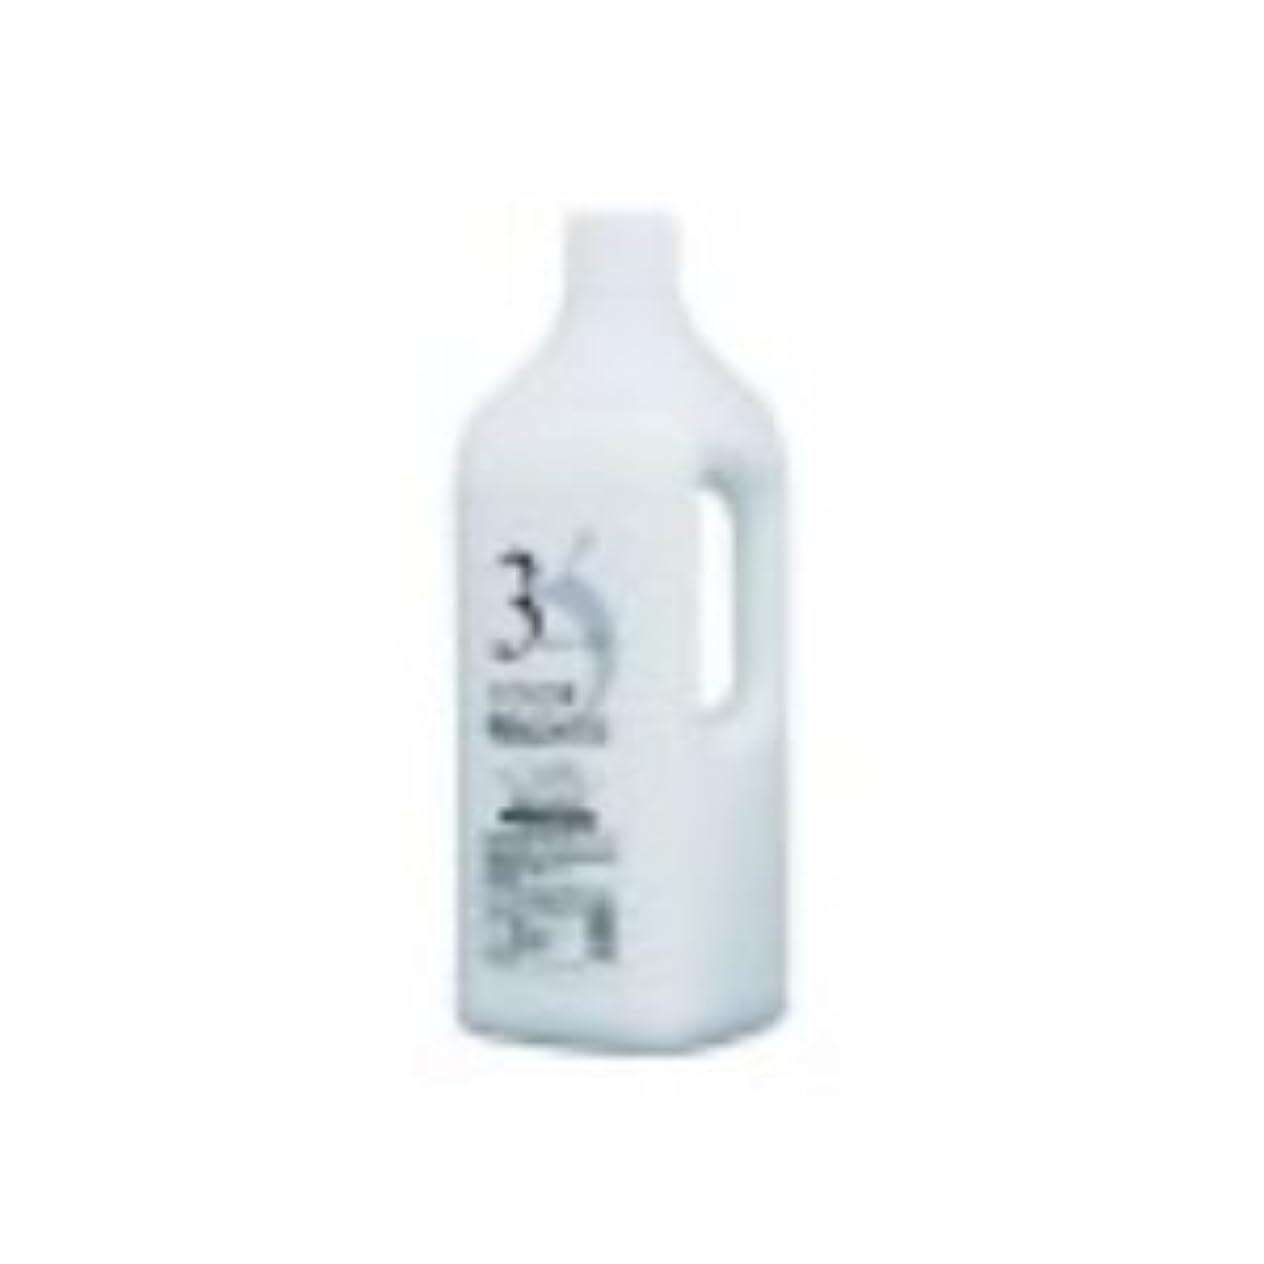 すべきじゃない補充メロスコスメティックス ヘアカラーファンデーション プロキサイド?ヘアカラー用2剤 3% 2000ml